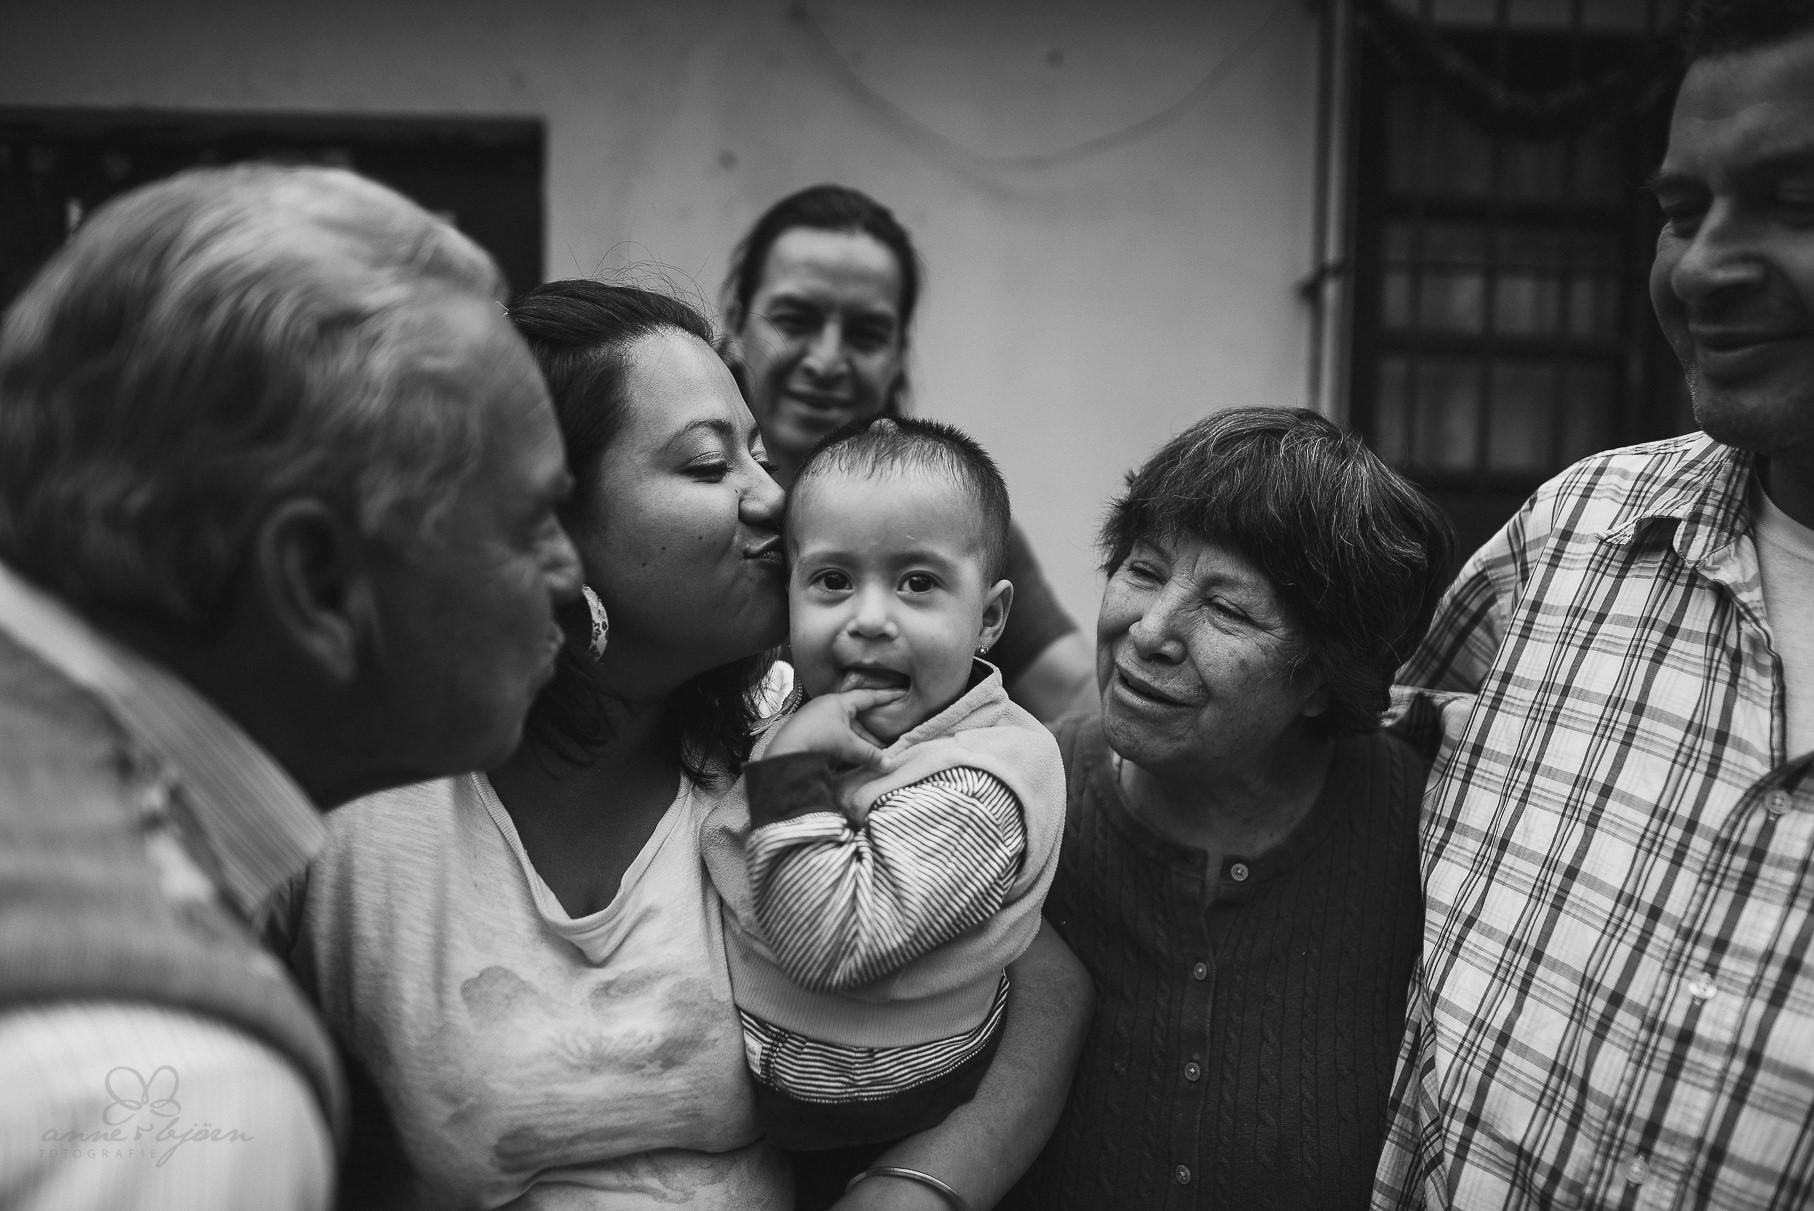 0039 anne und bjoern guatemala d75 2216 - 4 Wochen durch Guatemala - backpacking durch Mittelamerika